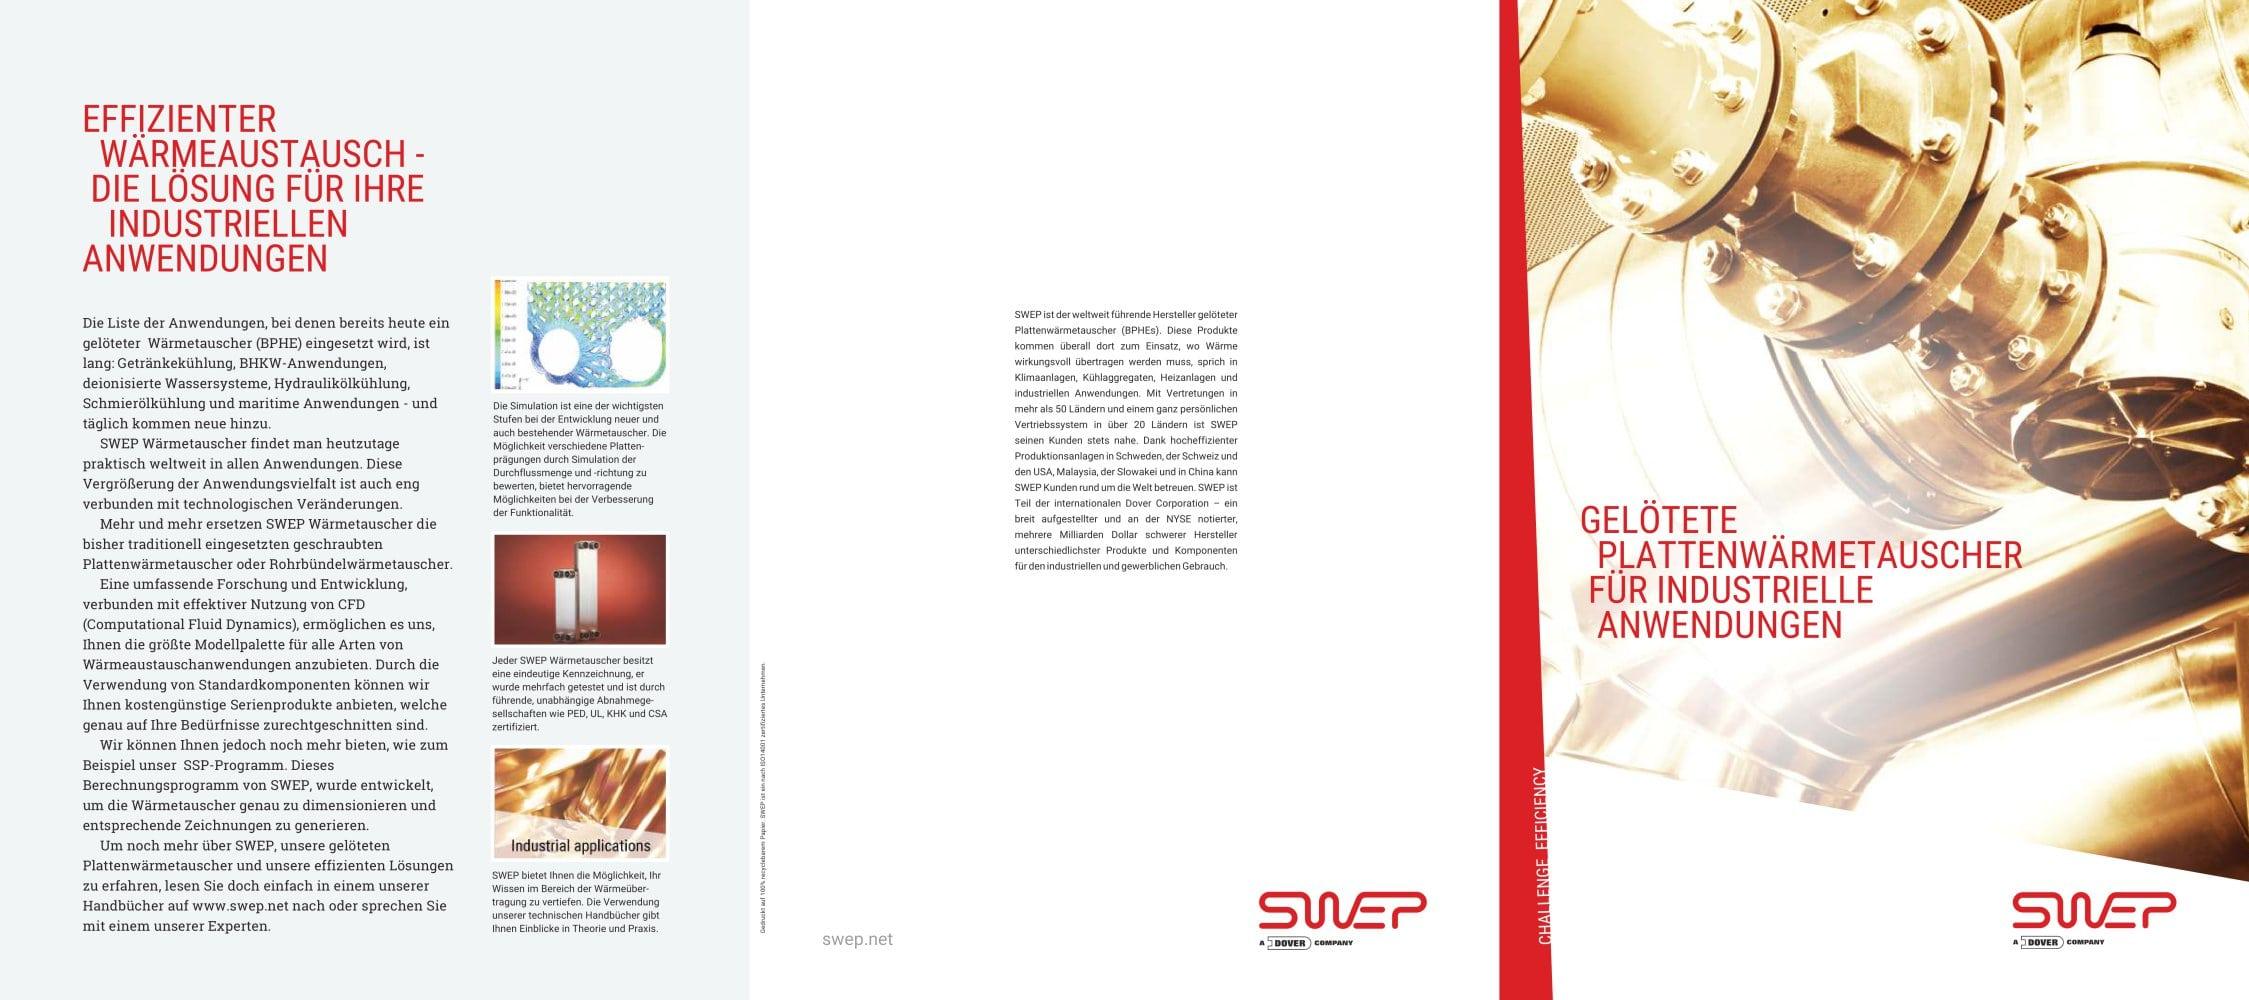 Gelötete plattenwärmetauscher für industrielle anwendungen - SWEP ...